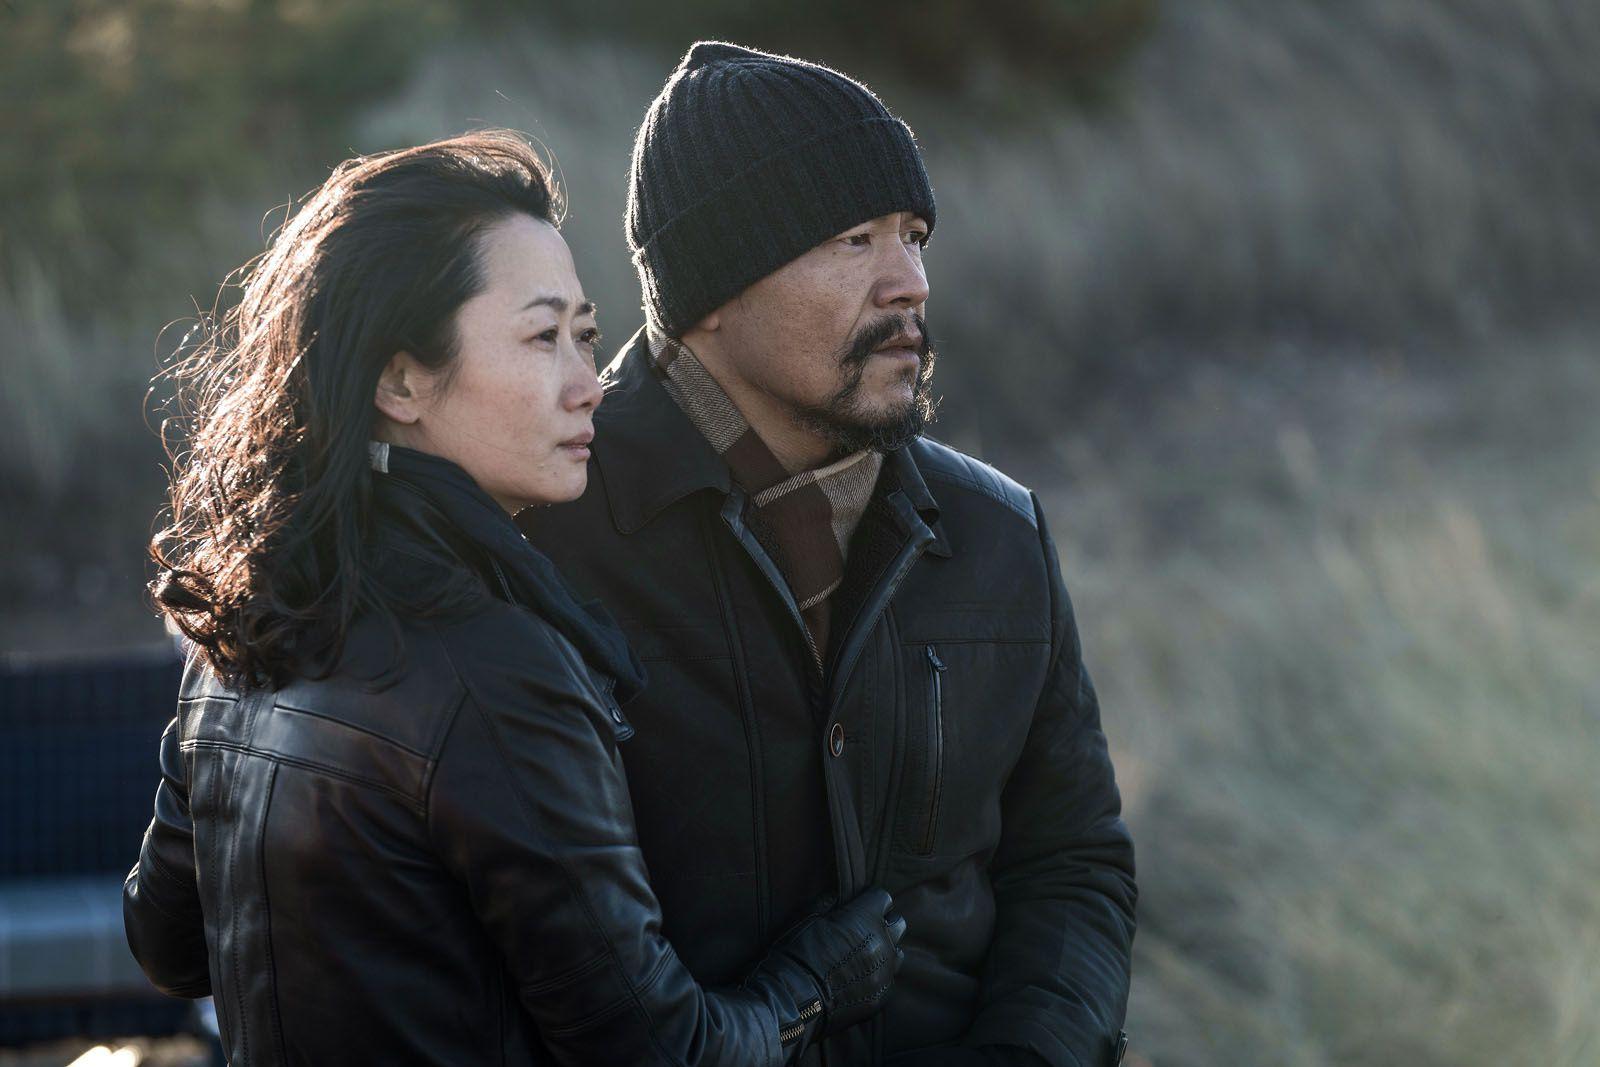 Les éternels (BANDE-ANNONCE) de Zhangke Jia - Le 27 février 2019 au cinéma